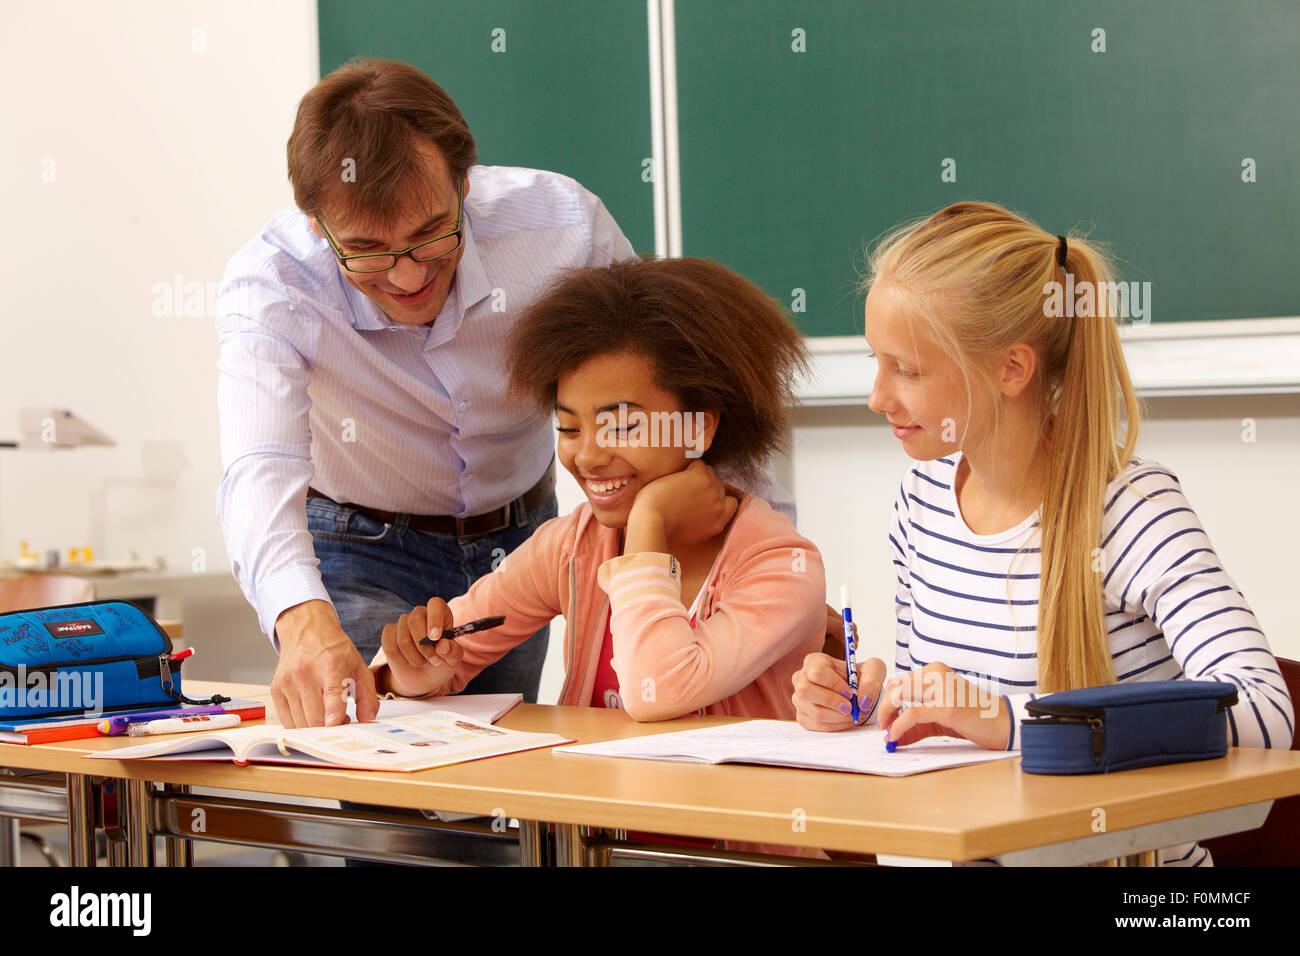 Aide à l'enseignant deux écolières dans les leçons Photo Stock